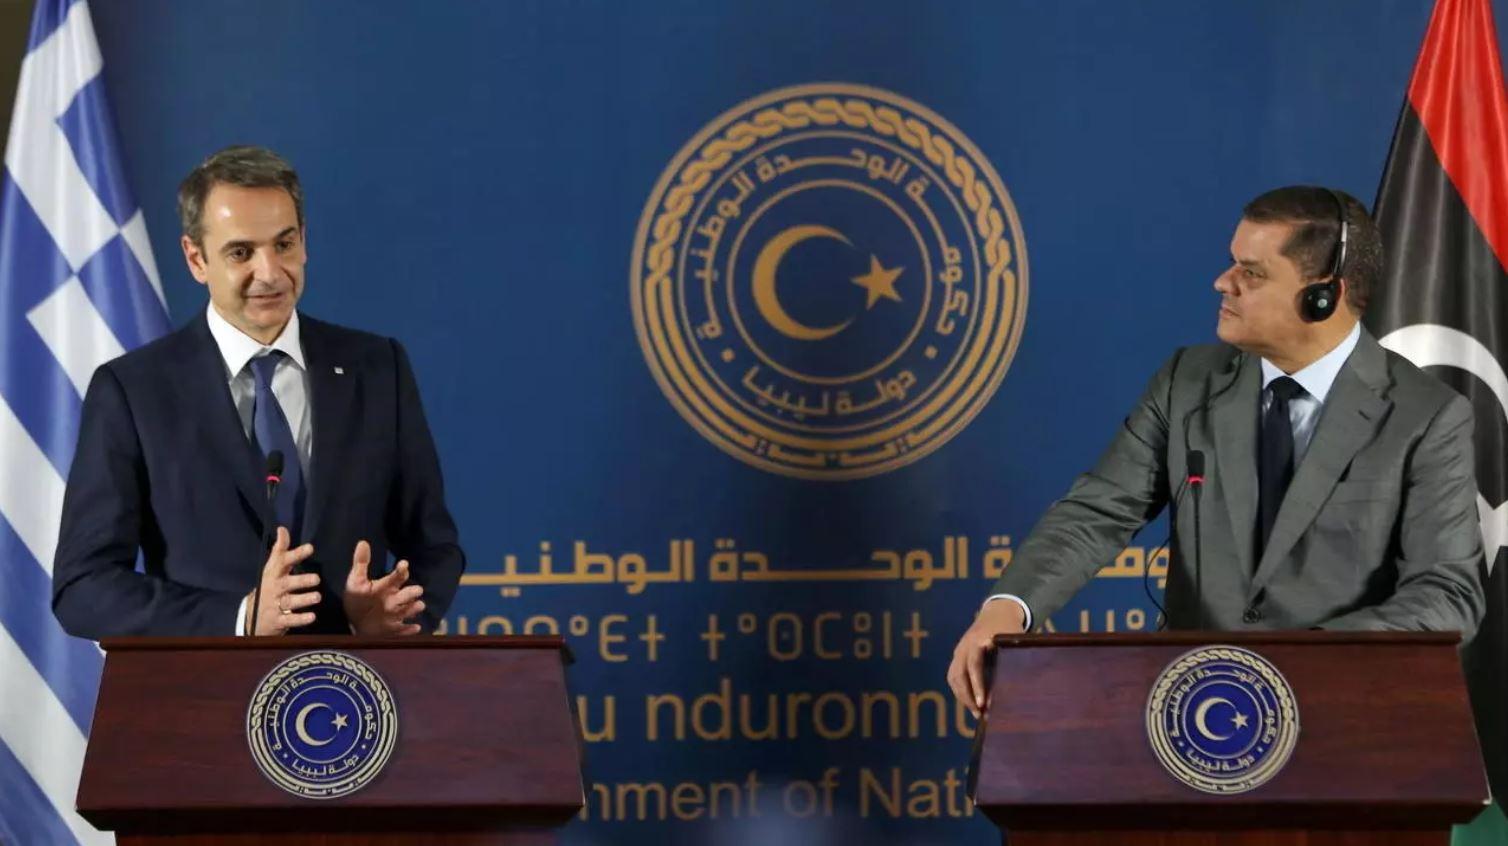 ليبيا تظهر استعدادها للتفاوض مع اليونان على ترسيم الحدود